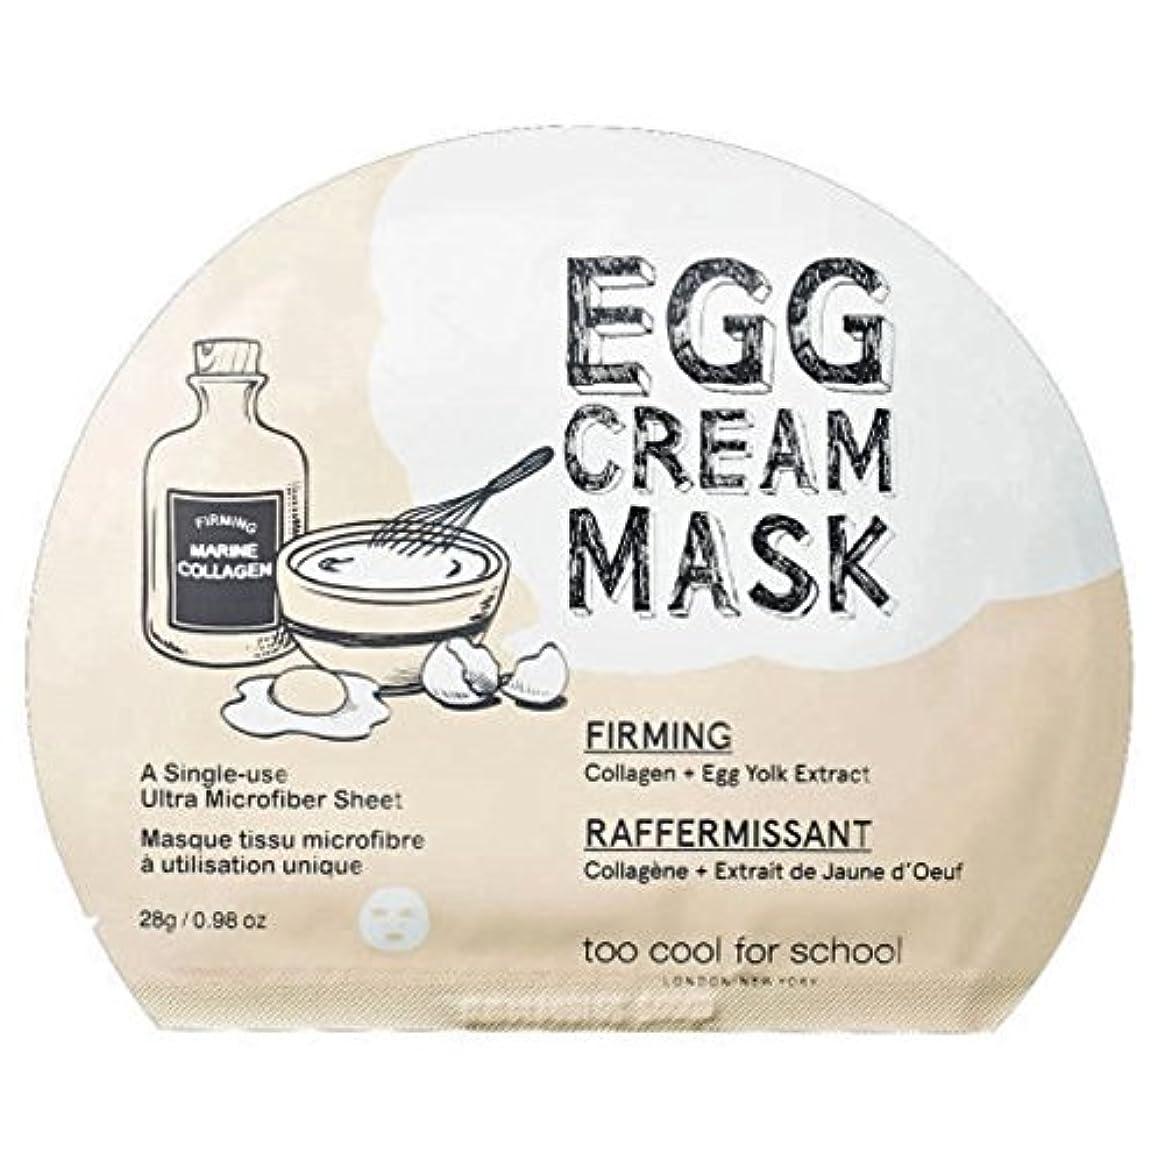 端末最大限本能[New] too cool for school Egg Cream Mask (Firming) 28g × 5ea/トゥークール フォースクール エッグ クリーム マスク (ファーミング) 28g × 5枚